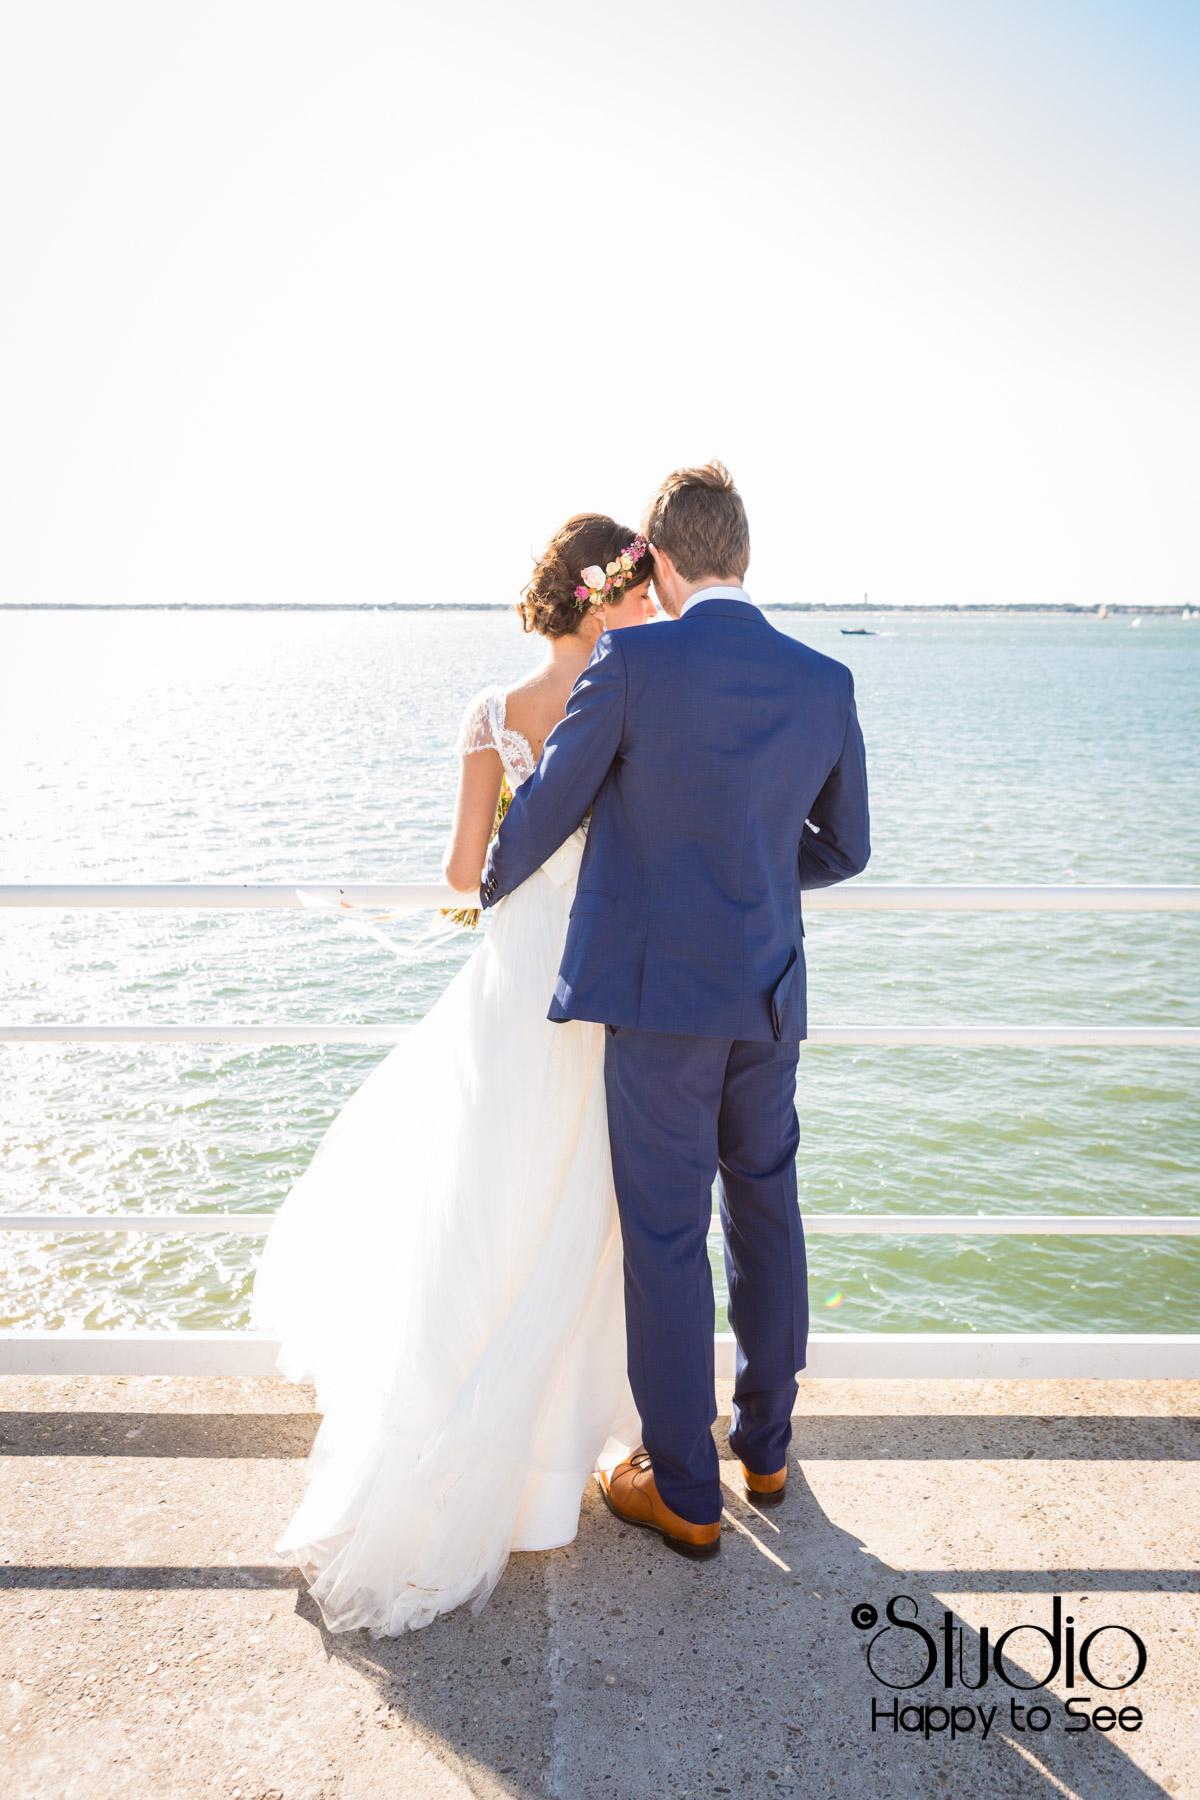 Mariage au bassin d'arcachon seance bord de mer